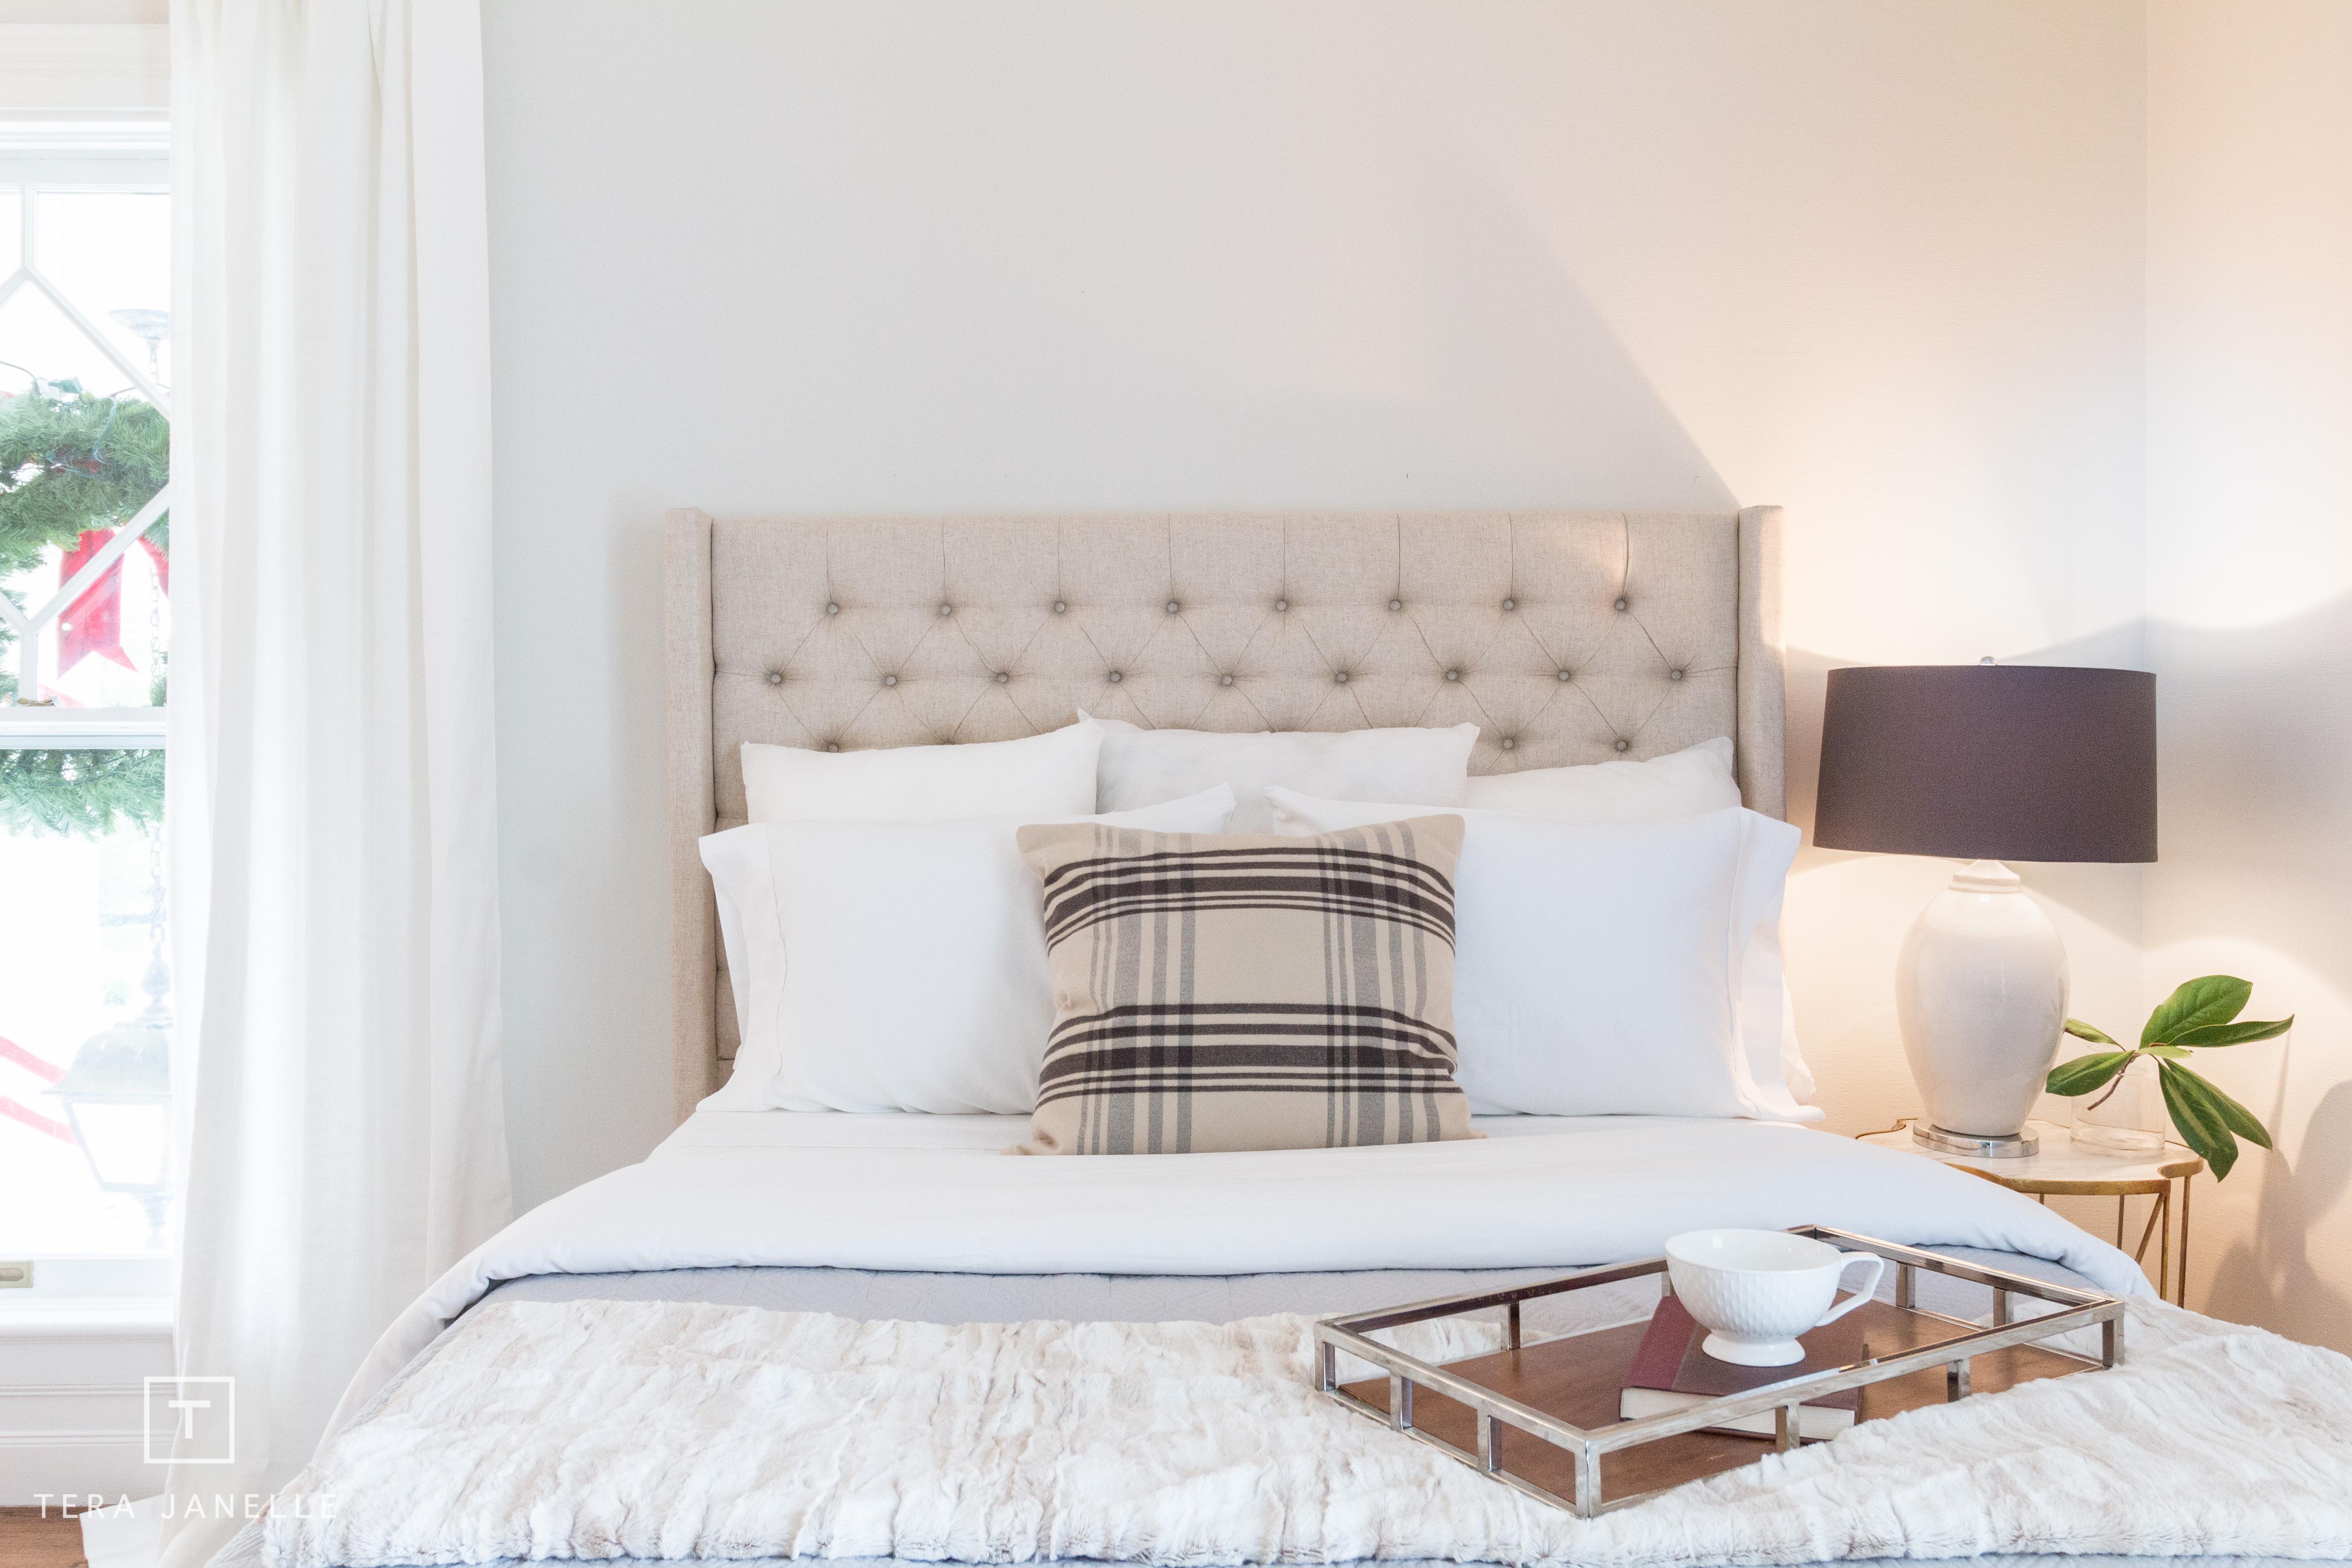 Tera Janelle - Right Bedroom-15.jpg